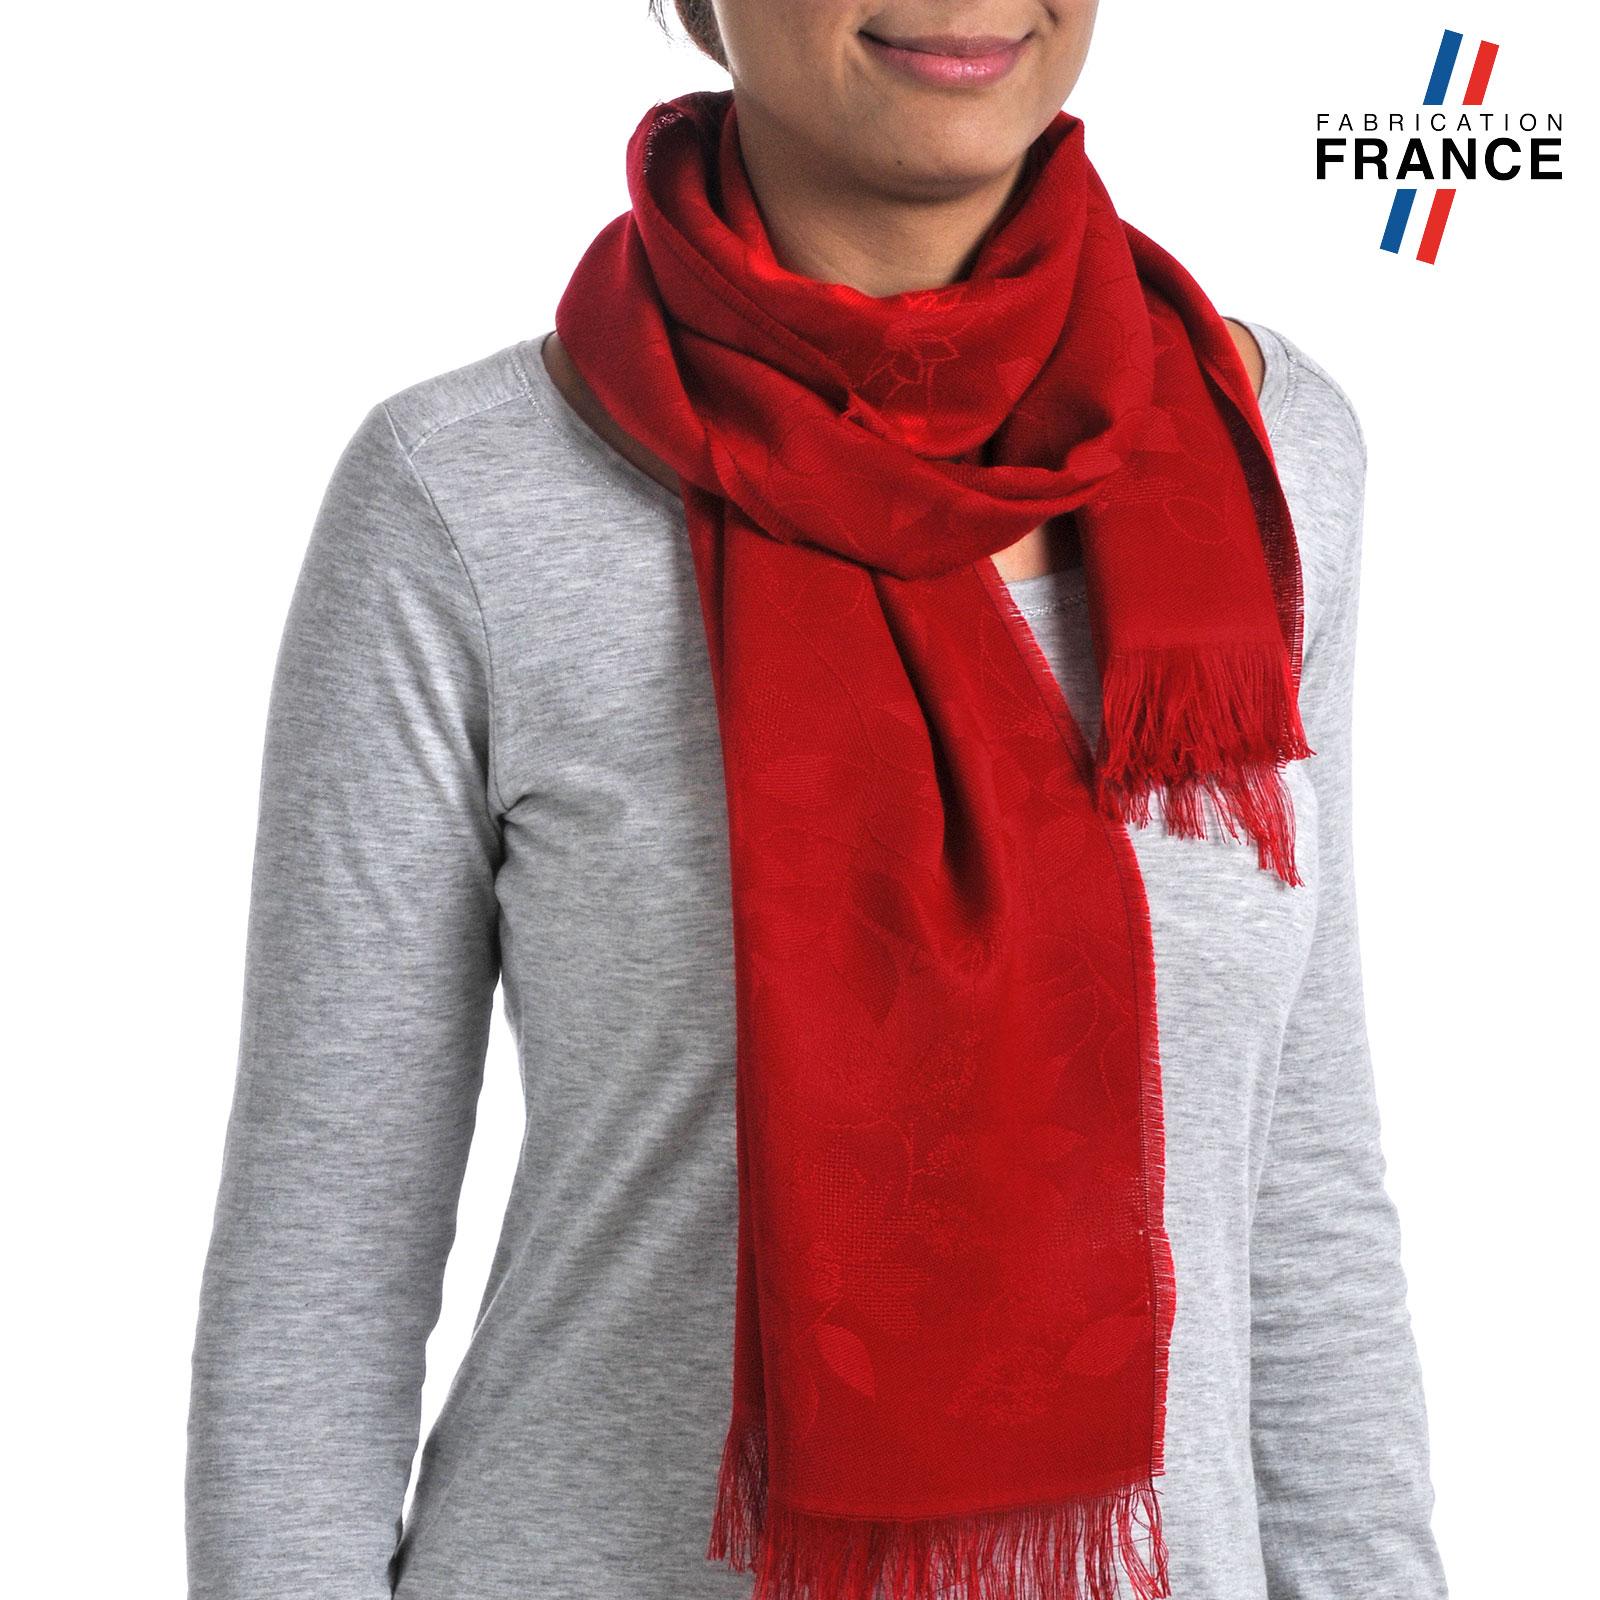 d34db55608f8 Echarpe femme fleurs ton sur ton - Fabriqué en France